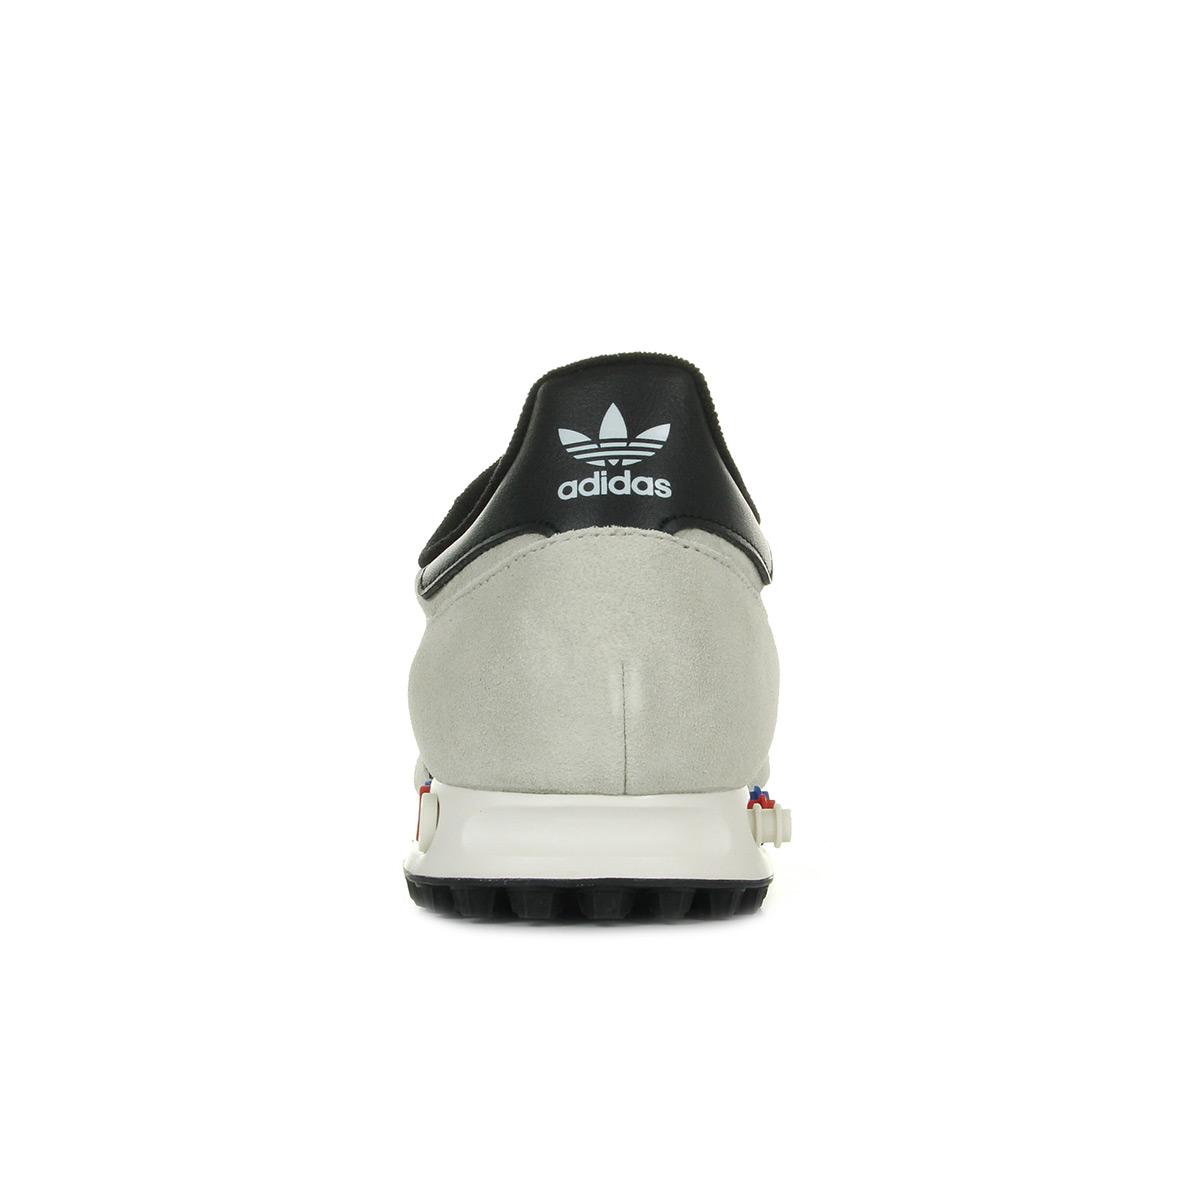 adidas LA Trainer OG BY9322, Baskets mode